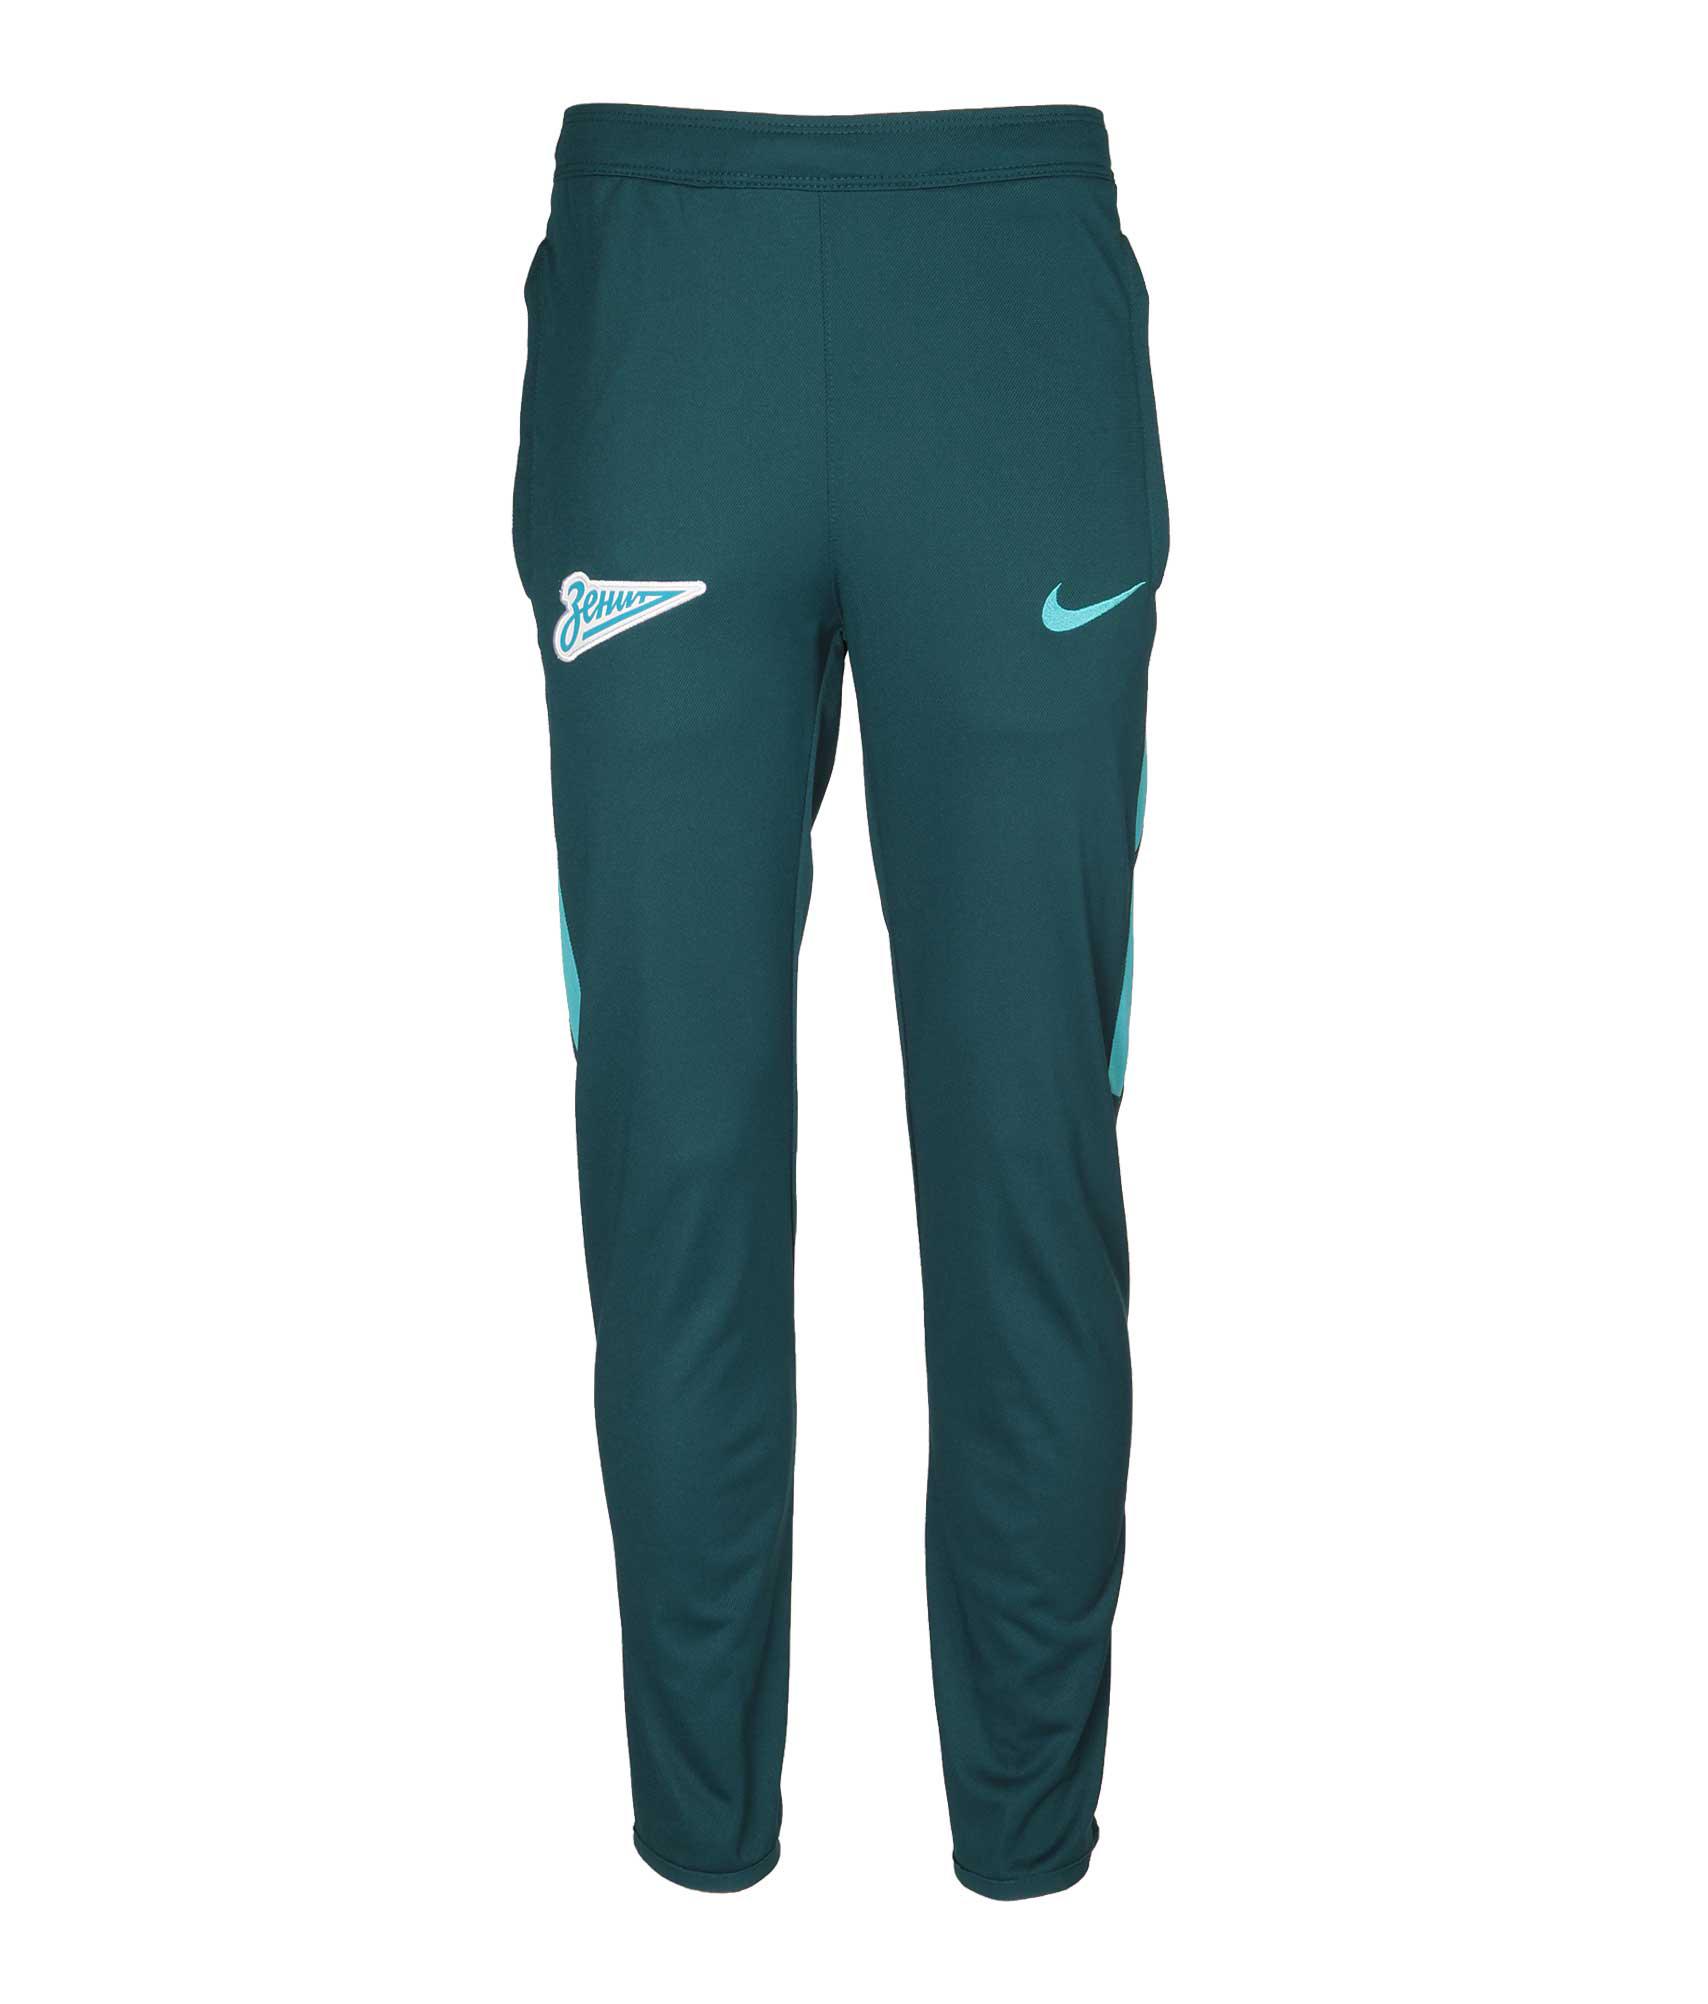 купить Брюки от костюма подростковые Nike, Размер-XL недорого